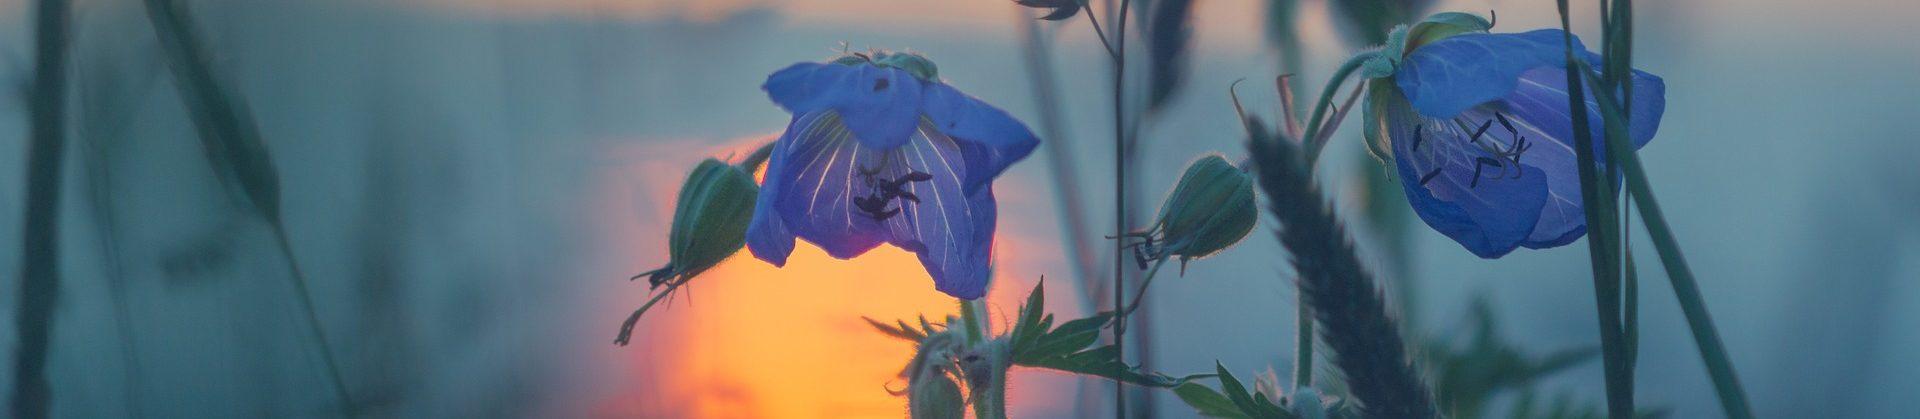 secret wild flower